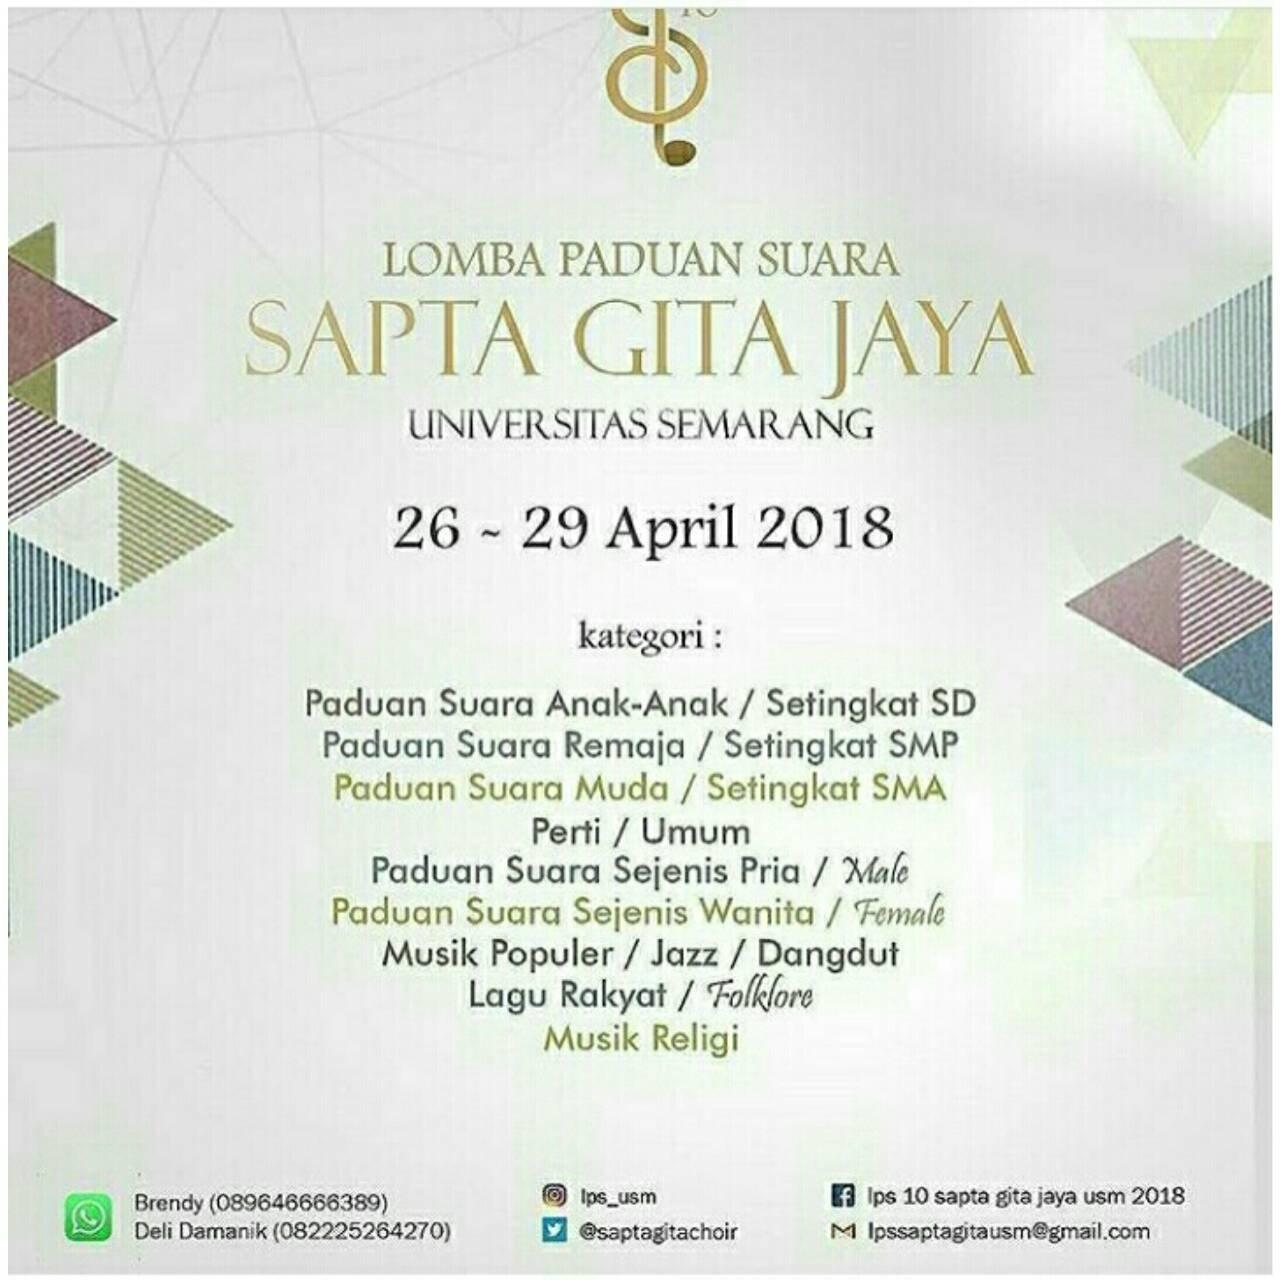 Lomba Paduan Suara Sapta Gita Jaya Universitas Semarang